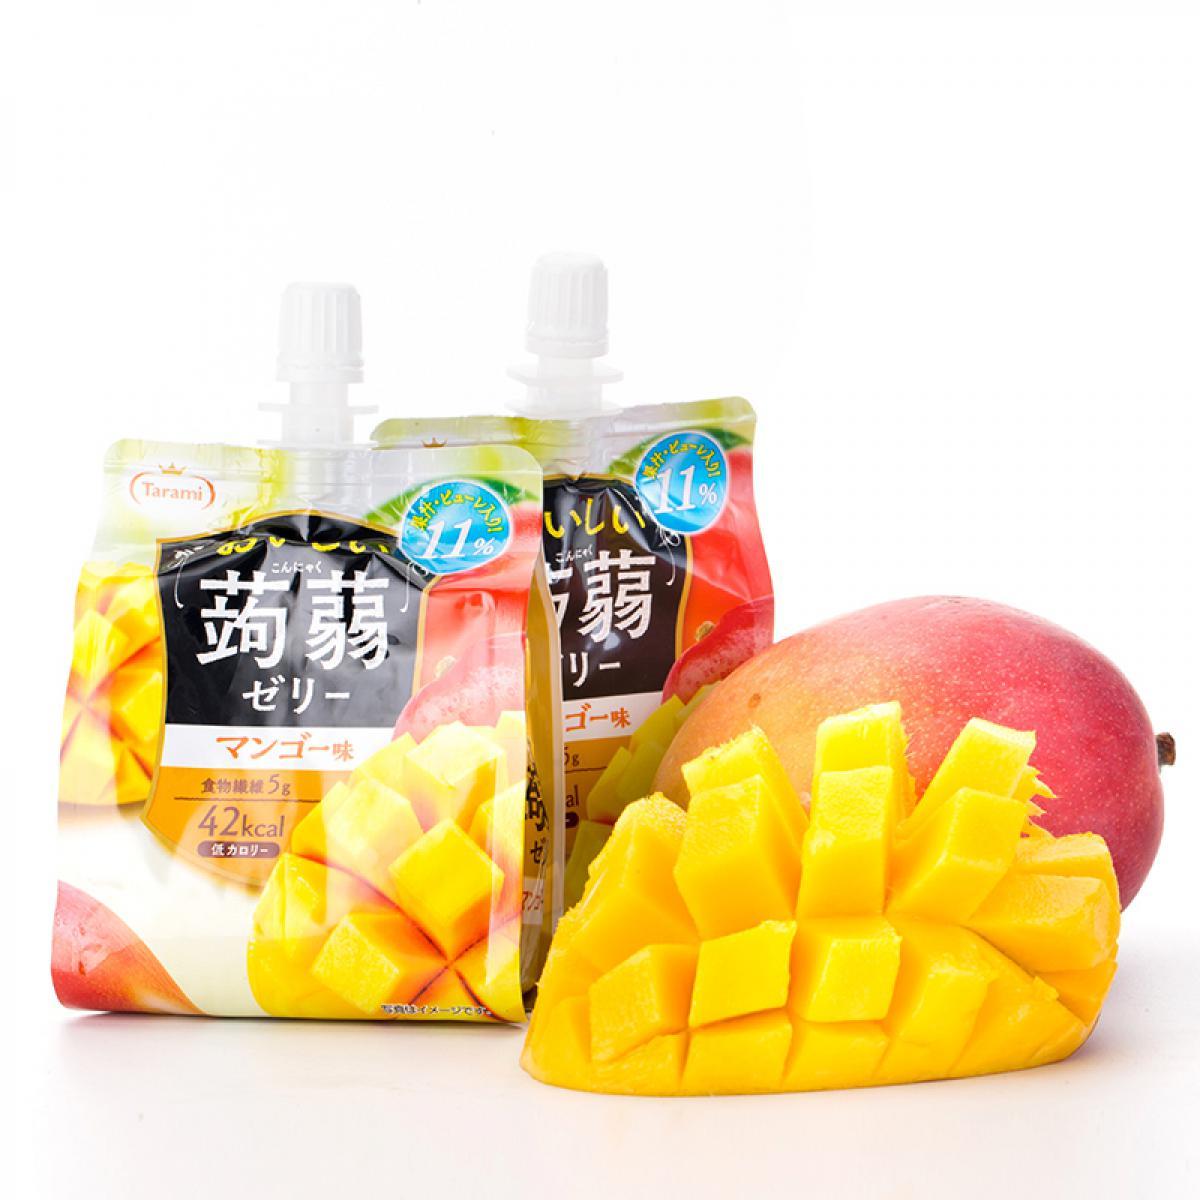 日本Tarami低卡蒟蒻果凍飲 吸吸便利包20包以上享團購 5